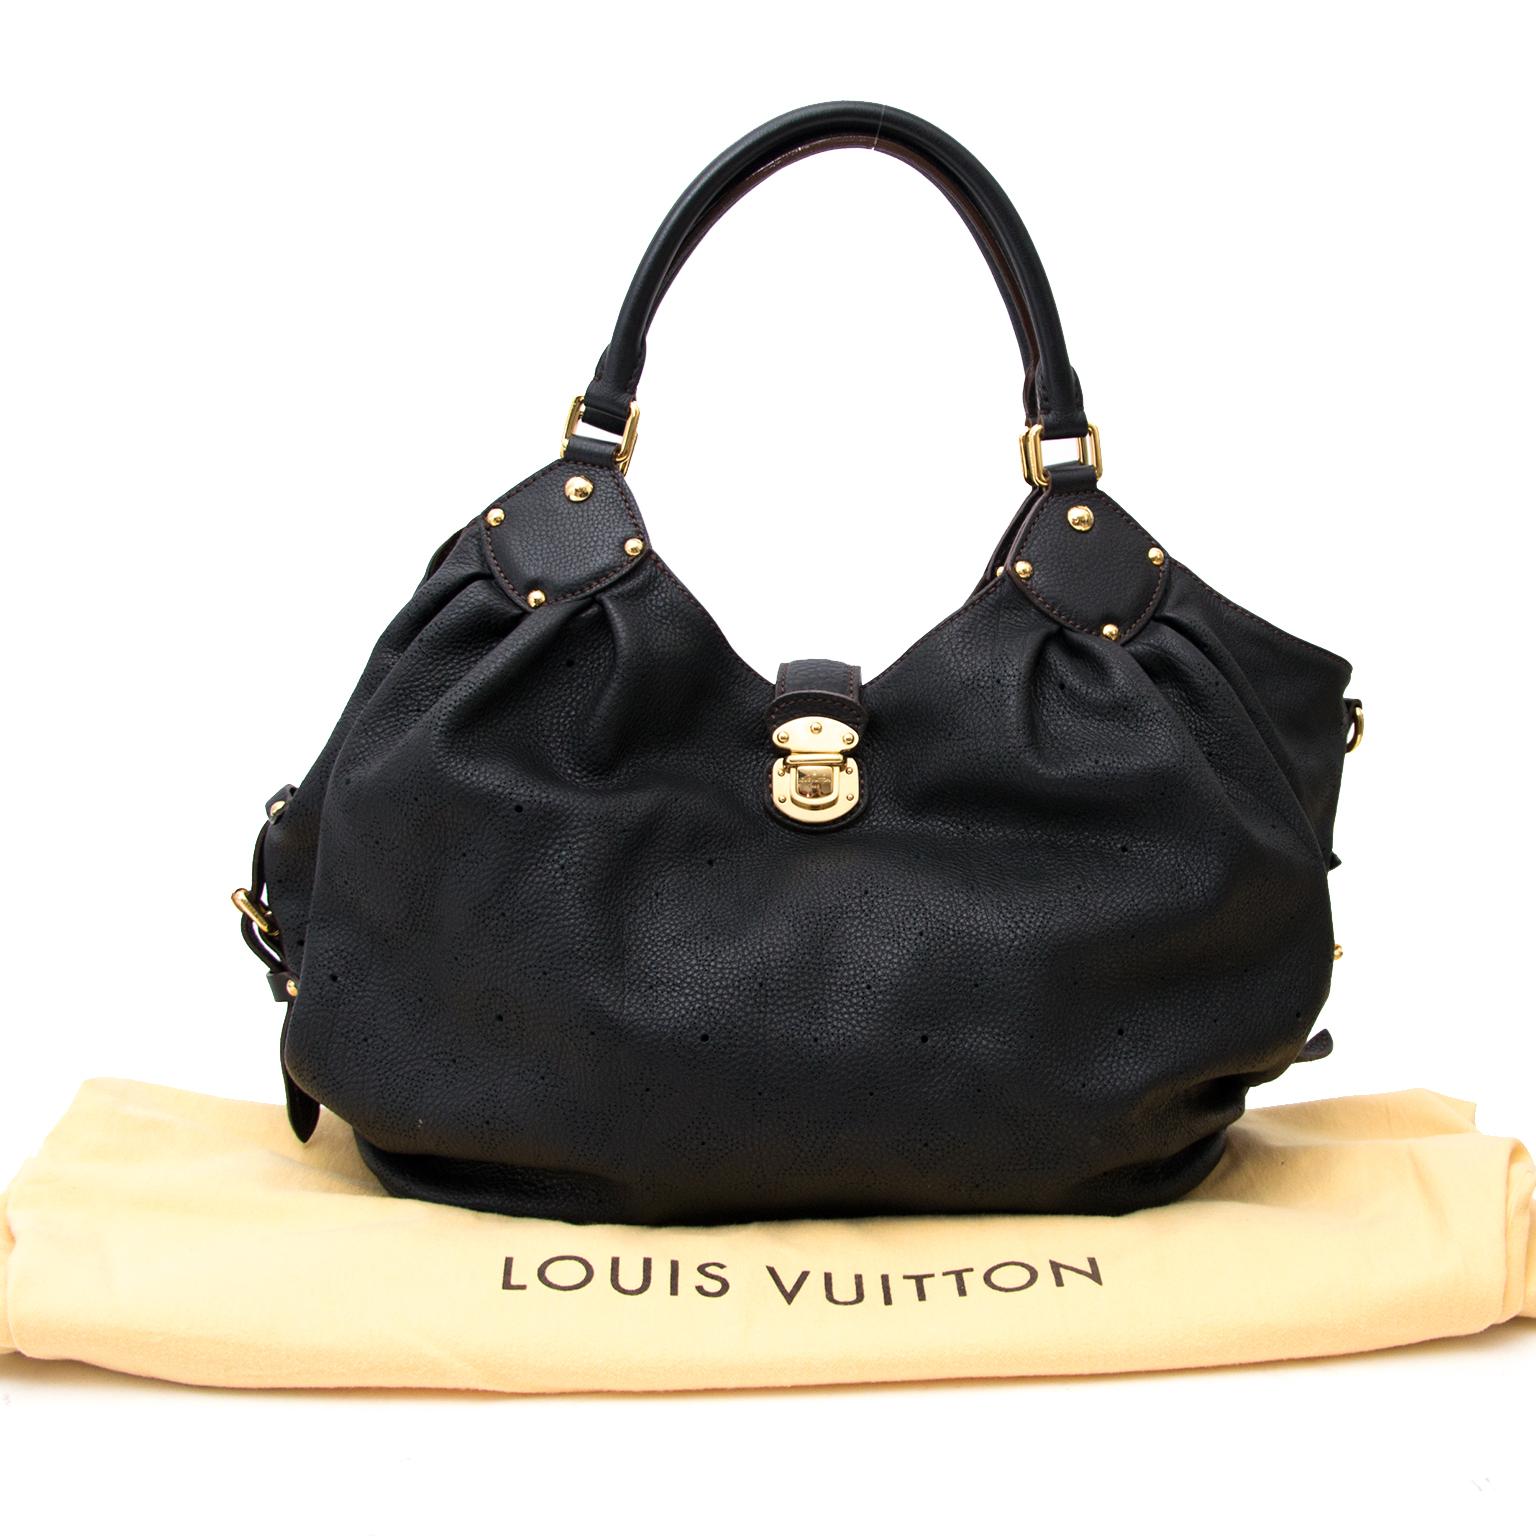 Louis Vuitton Black Mahina Bag online aan de beste prijs